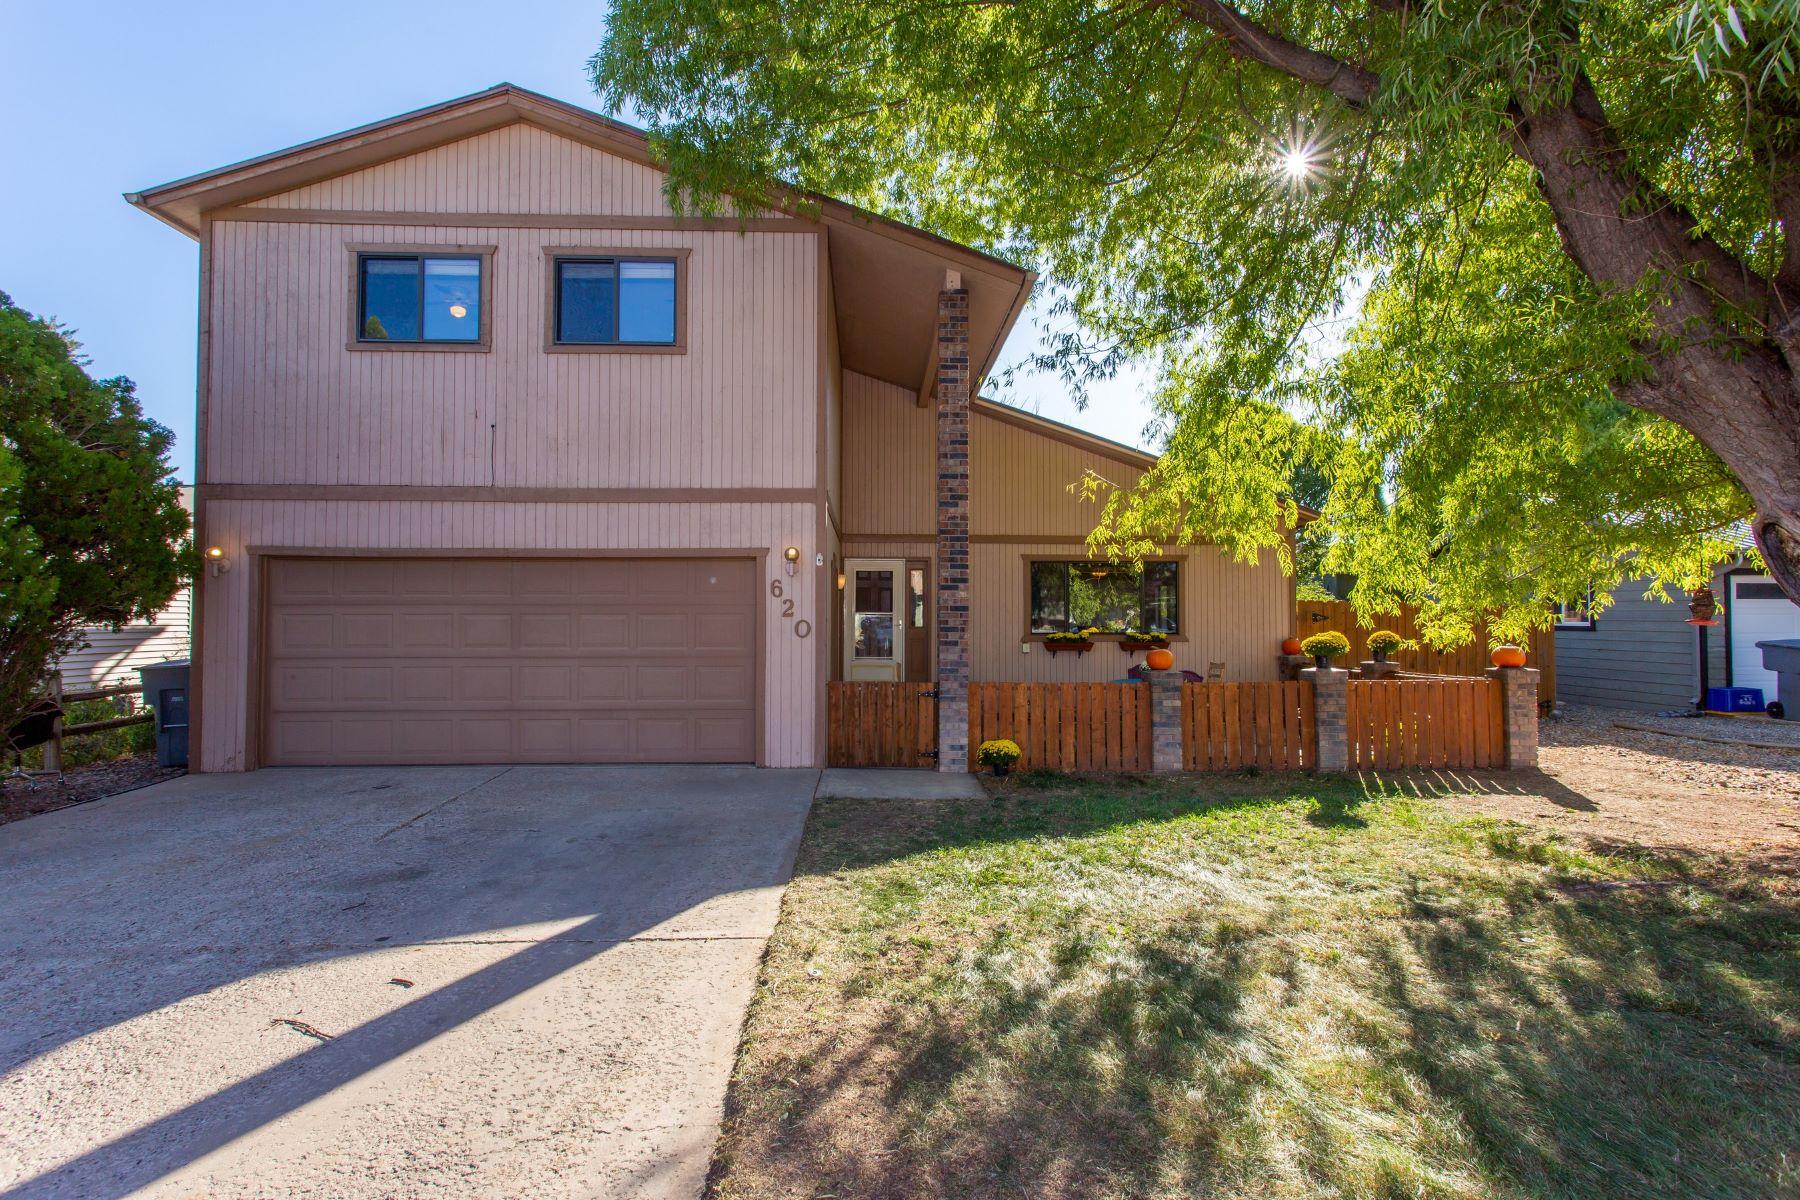 Casa Unifamiliar por un Venta en SPACIOUS AND AFFORDABLE! 620 Fairway Avenue Rifle, Colorado 81650 Estados Unidos